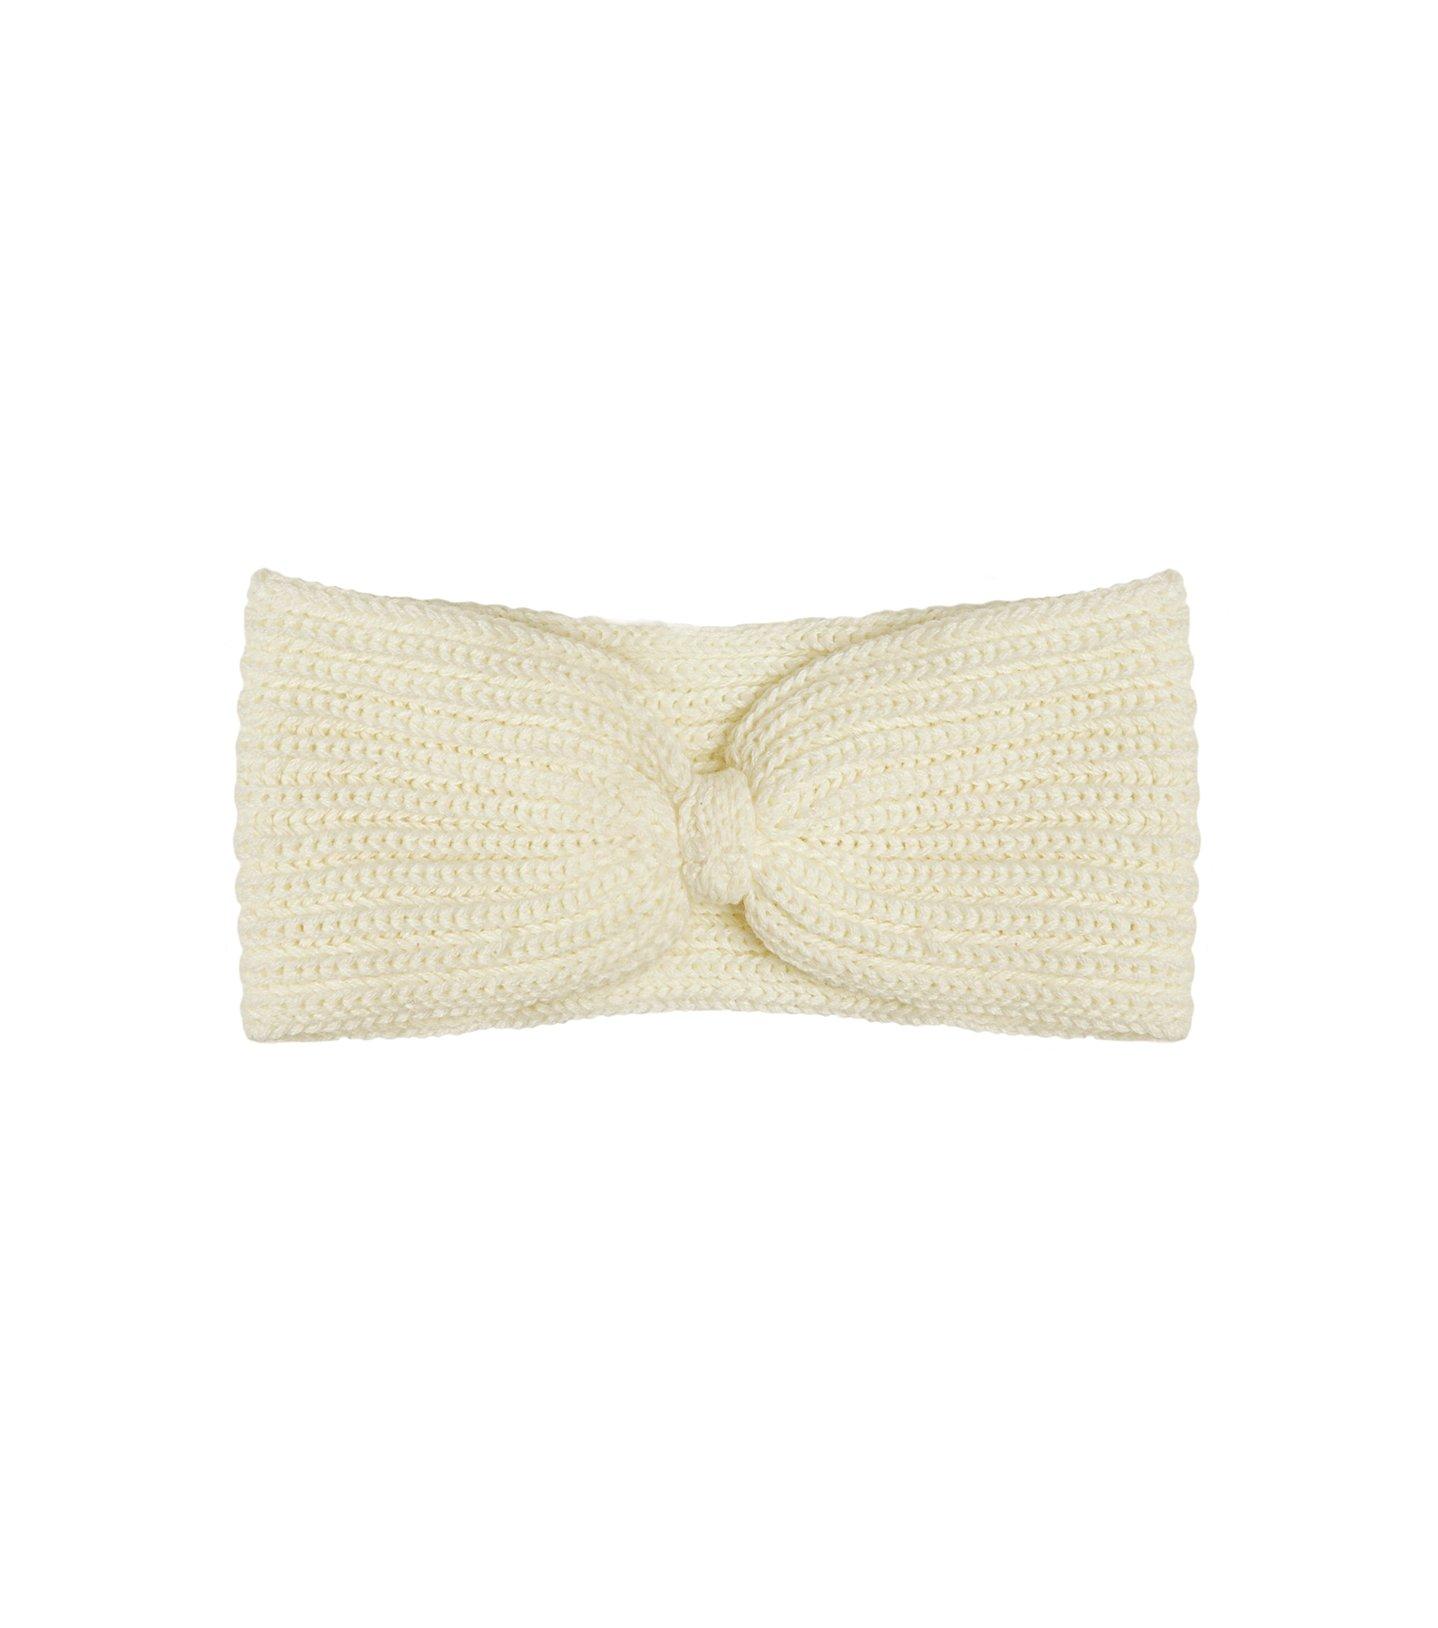 Faixa de Cabelo Tricot Lisa - 25054